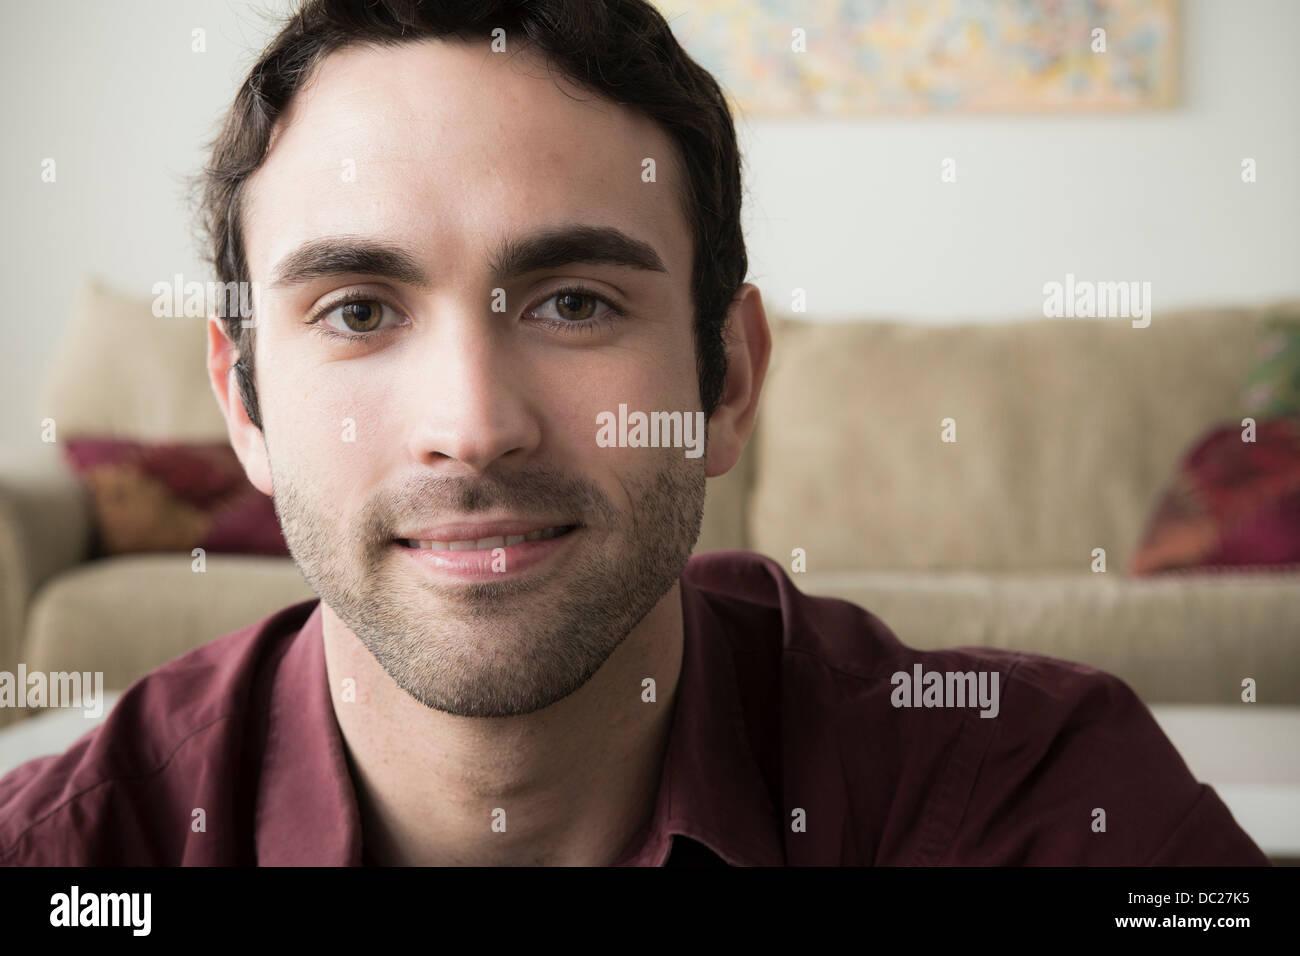 Retrato de joven con pelo negro Imagen De Stock